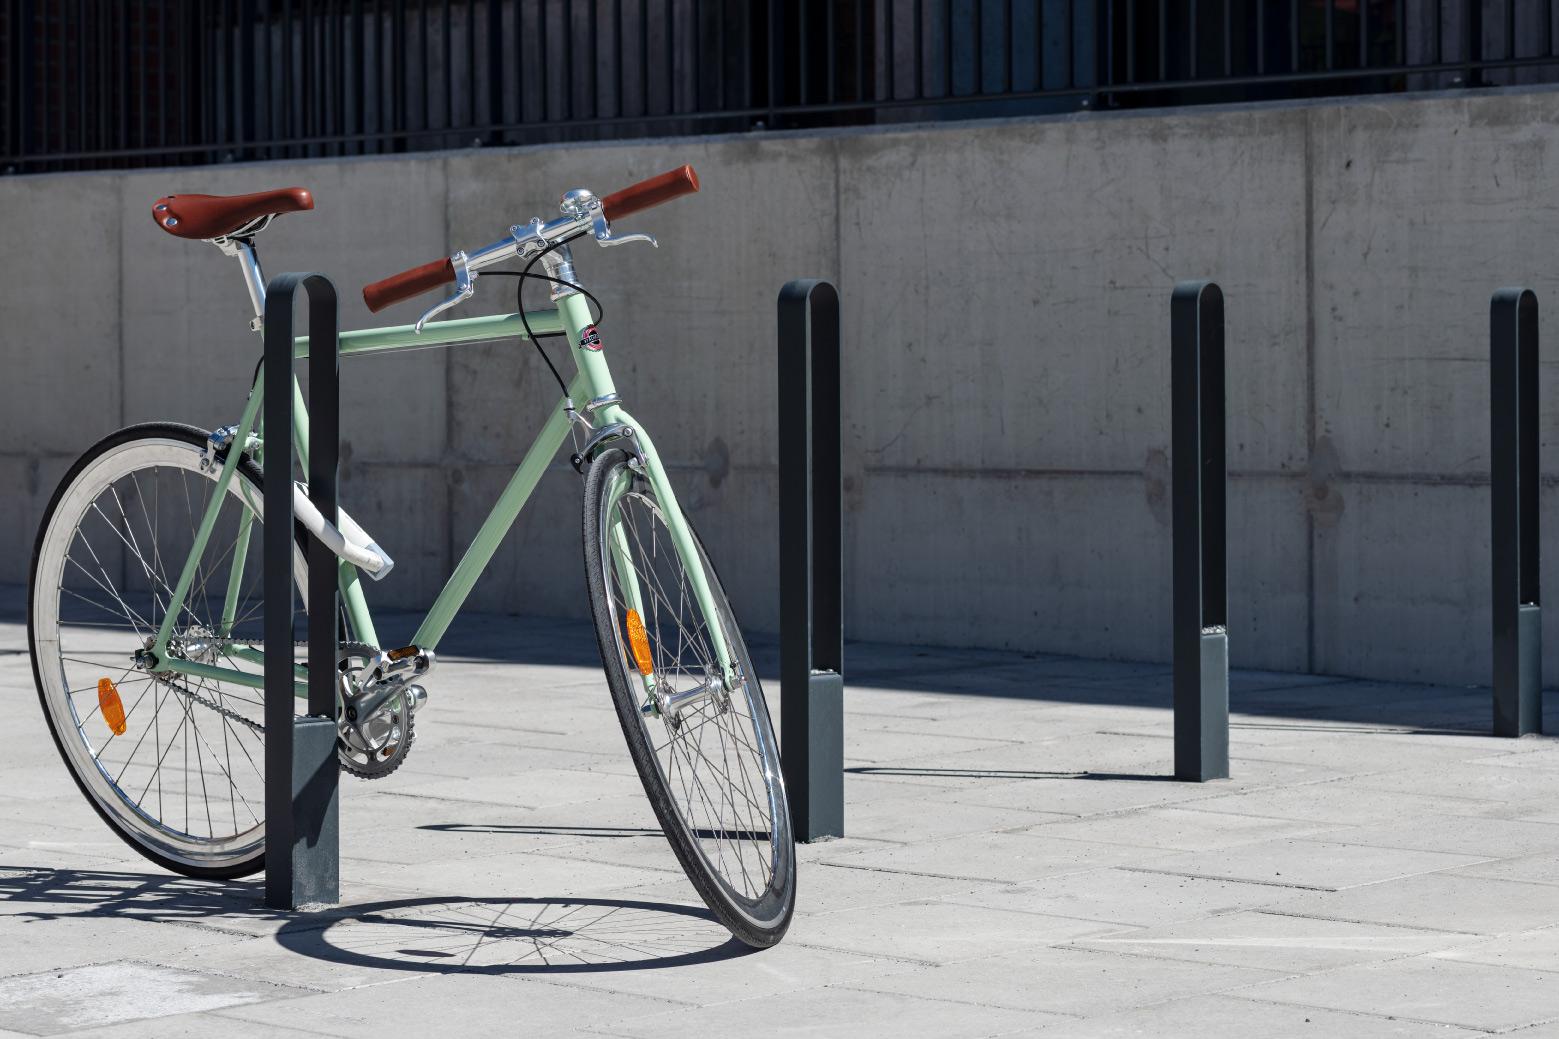 Fyra cykelpollare LUX från Cyklos där det vid en av pollarna står en grön cykel